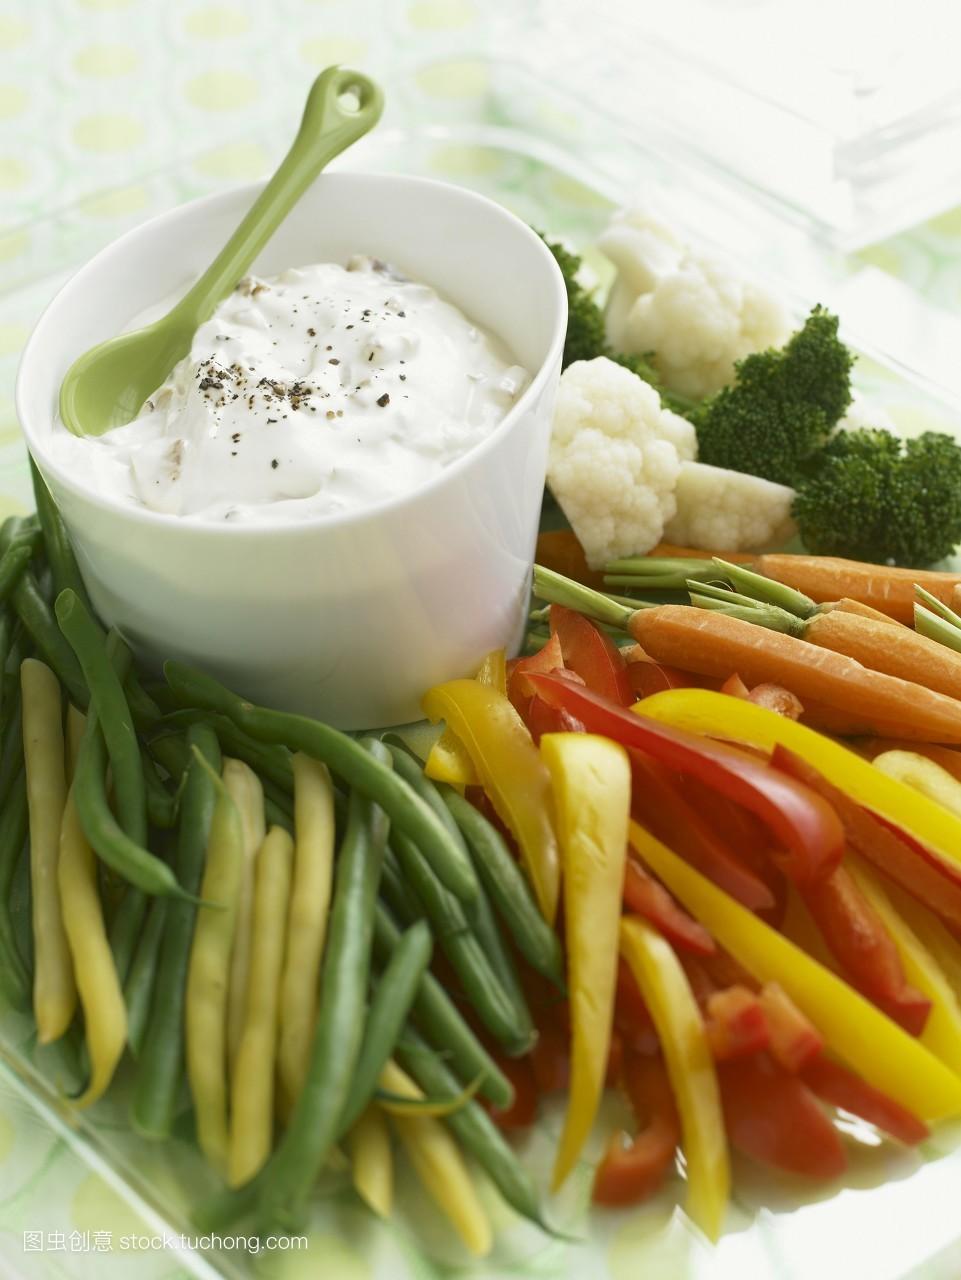 器皿,大量,安好,素菜,素食,配方,美味,沙拉,妥贴,开胃菜,健康,盘子,做图片